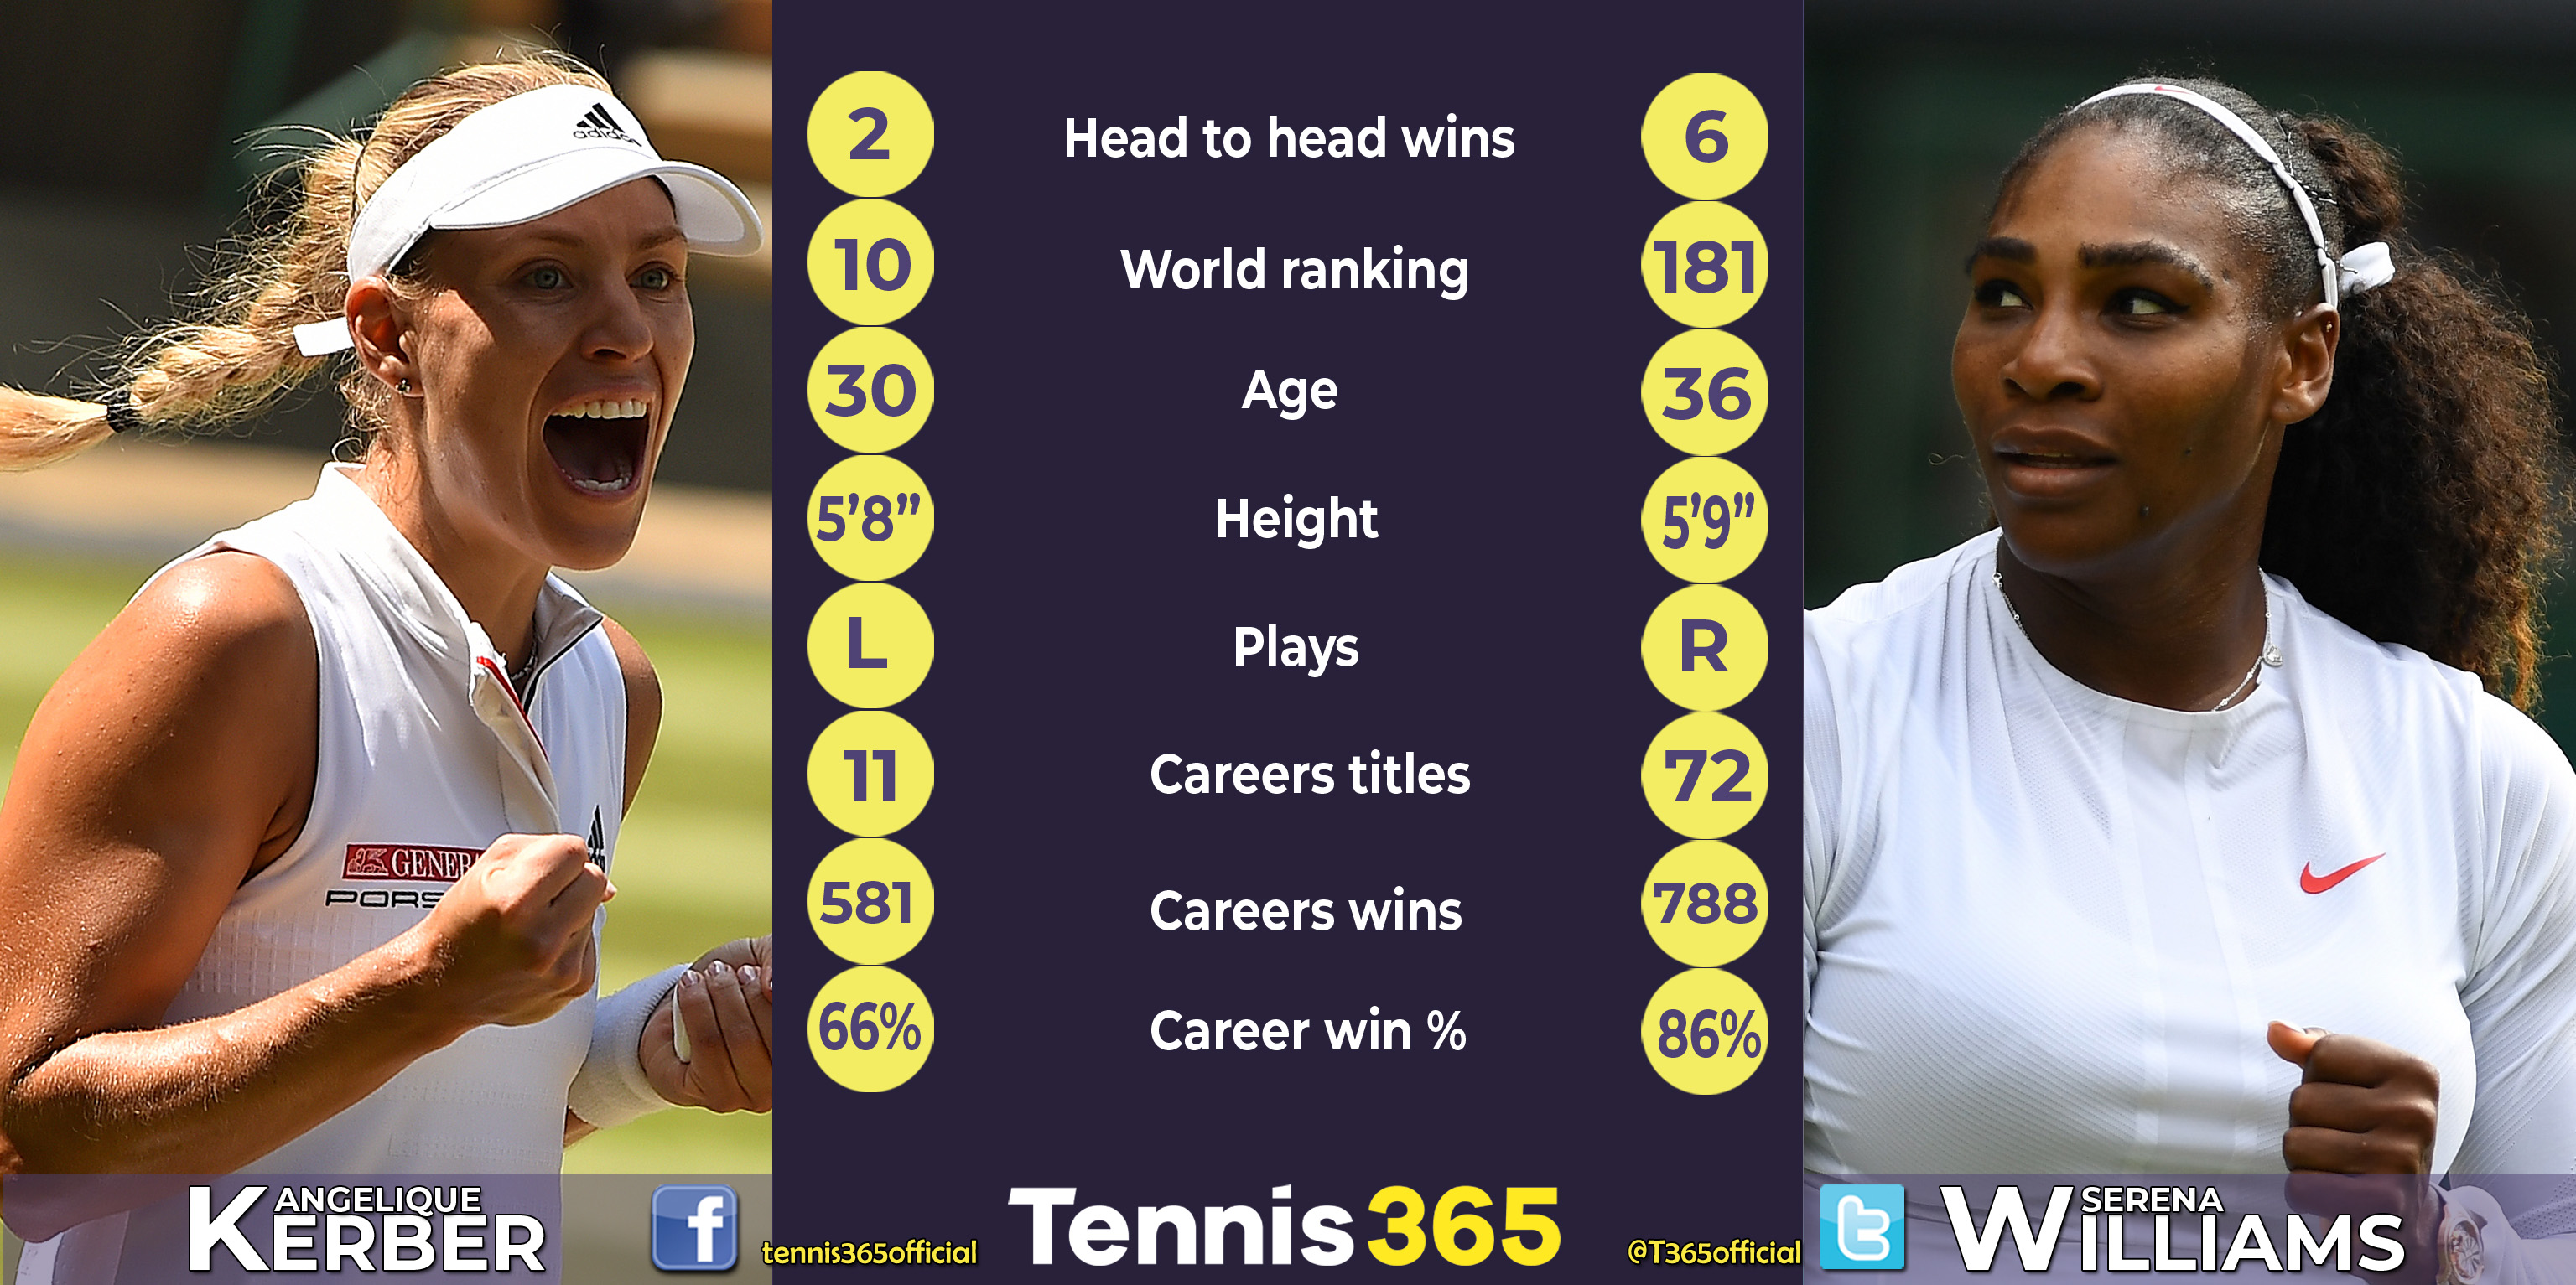 Angelique Kerber v Serena Williams head-to-head